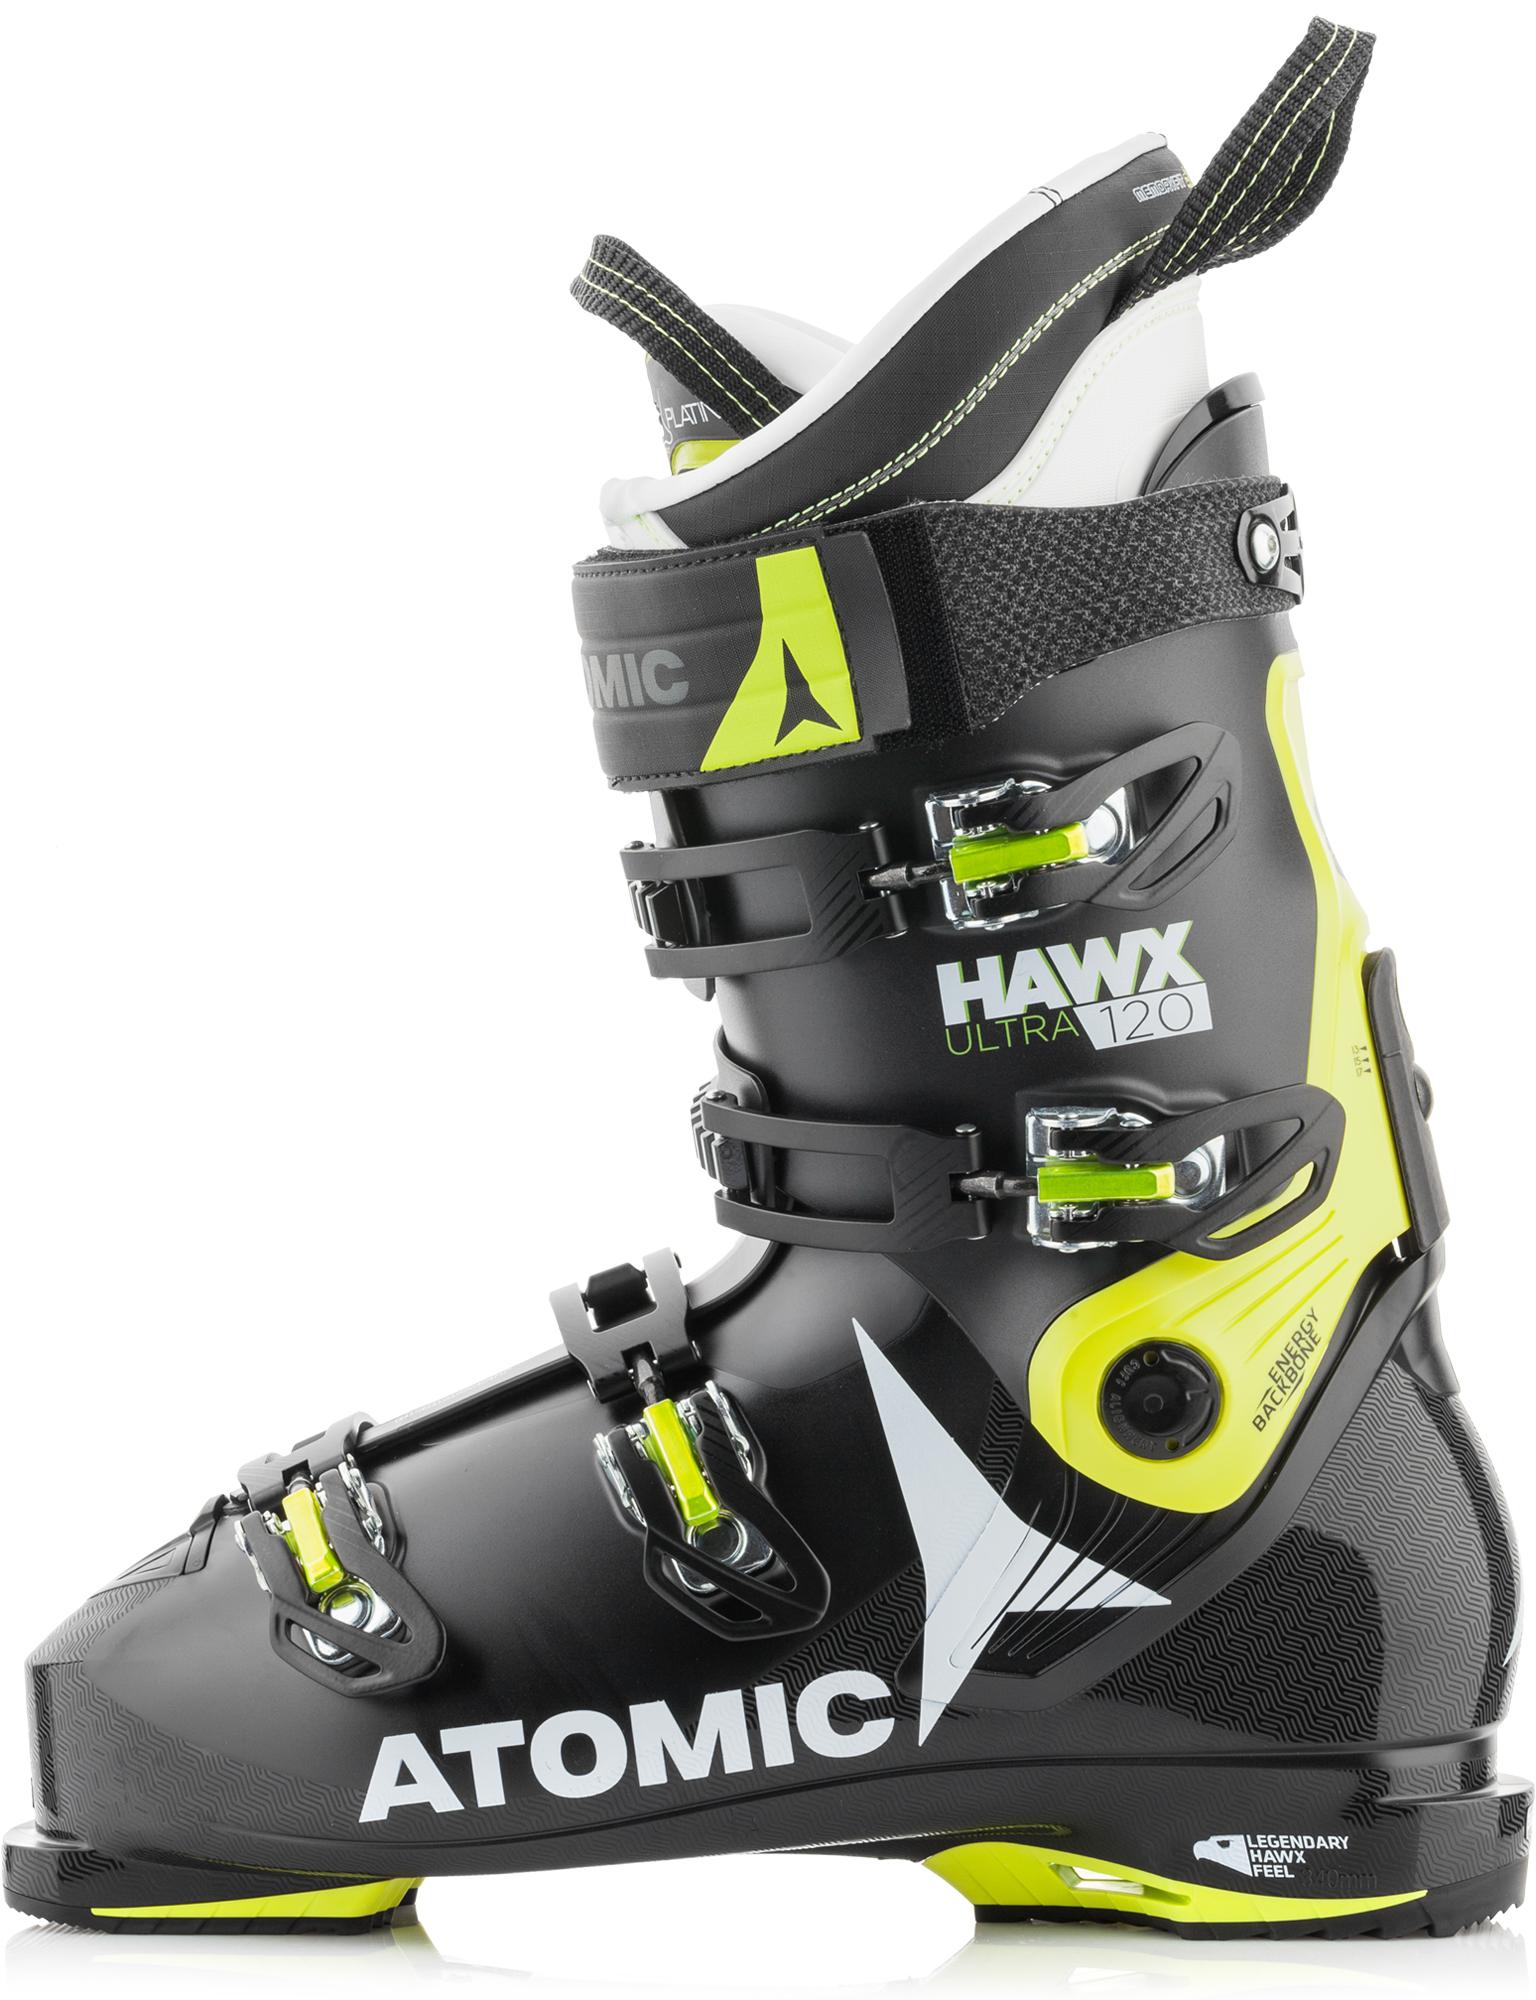 Atomic Ботинки горнолыжные HAWX ULTRA 120, размер 45,5